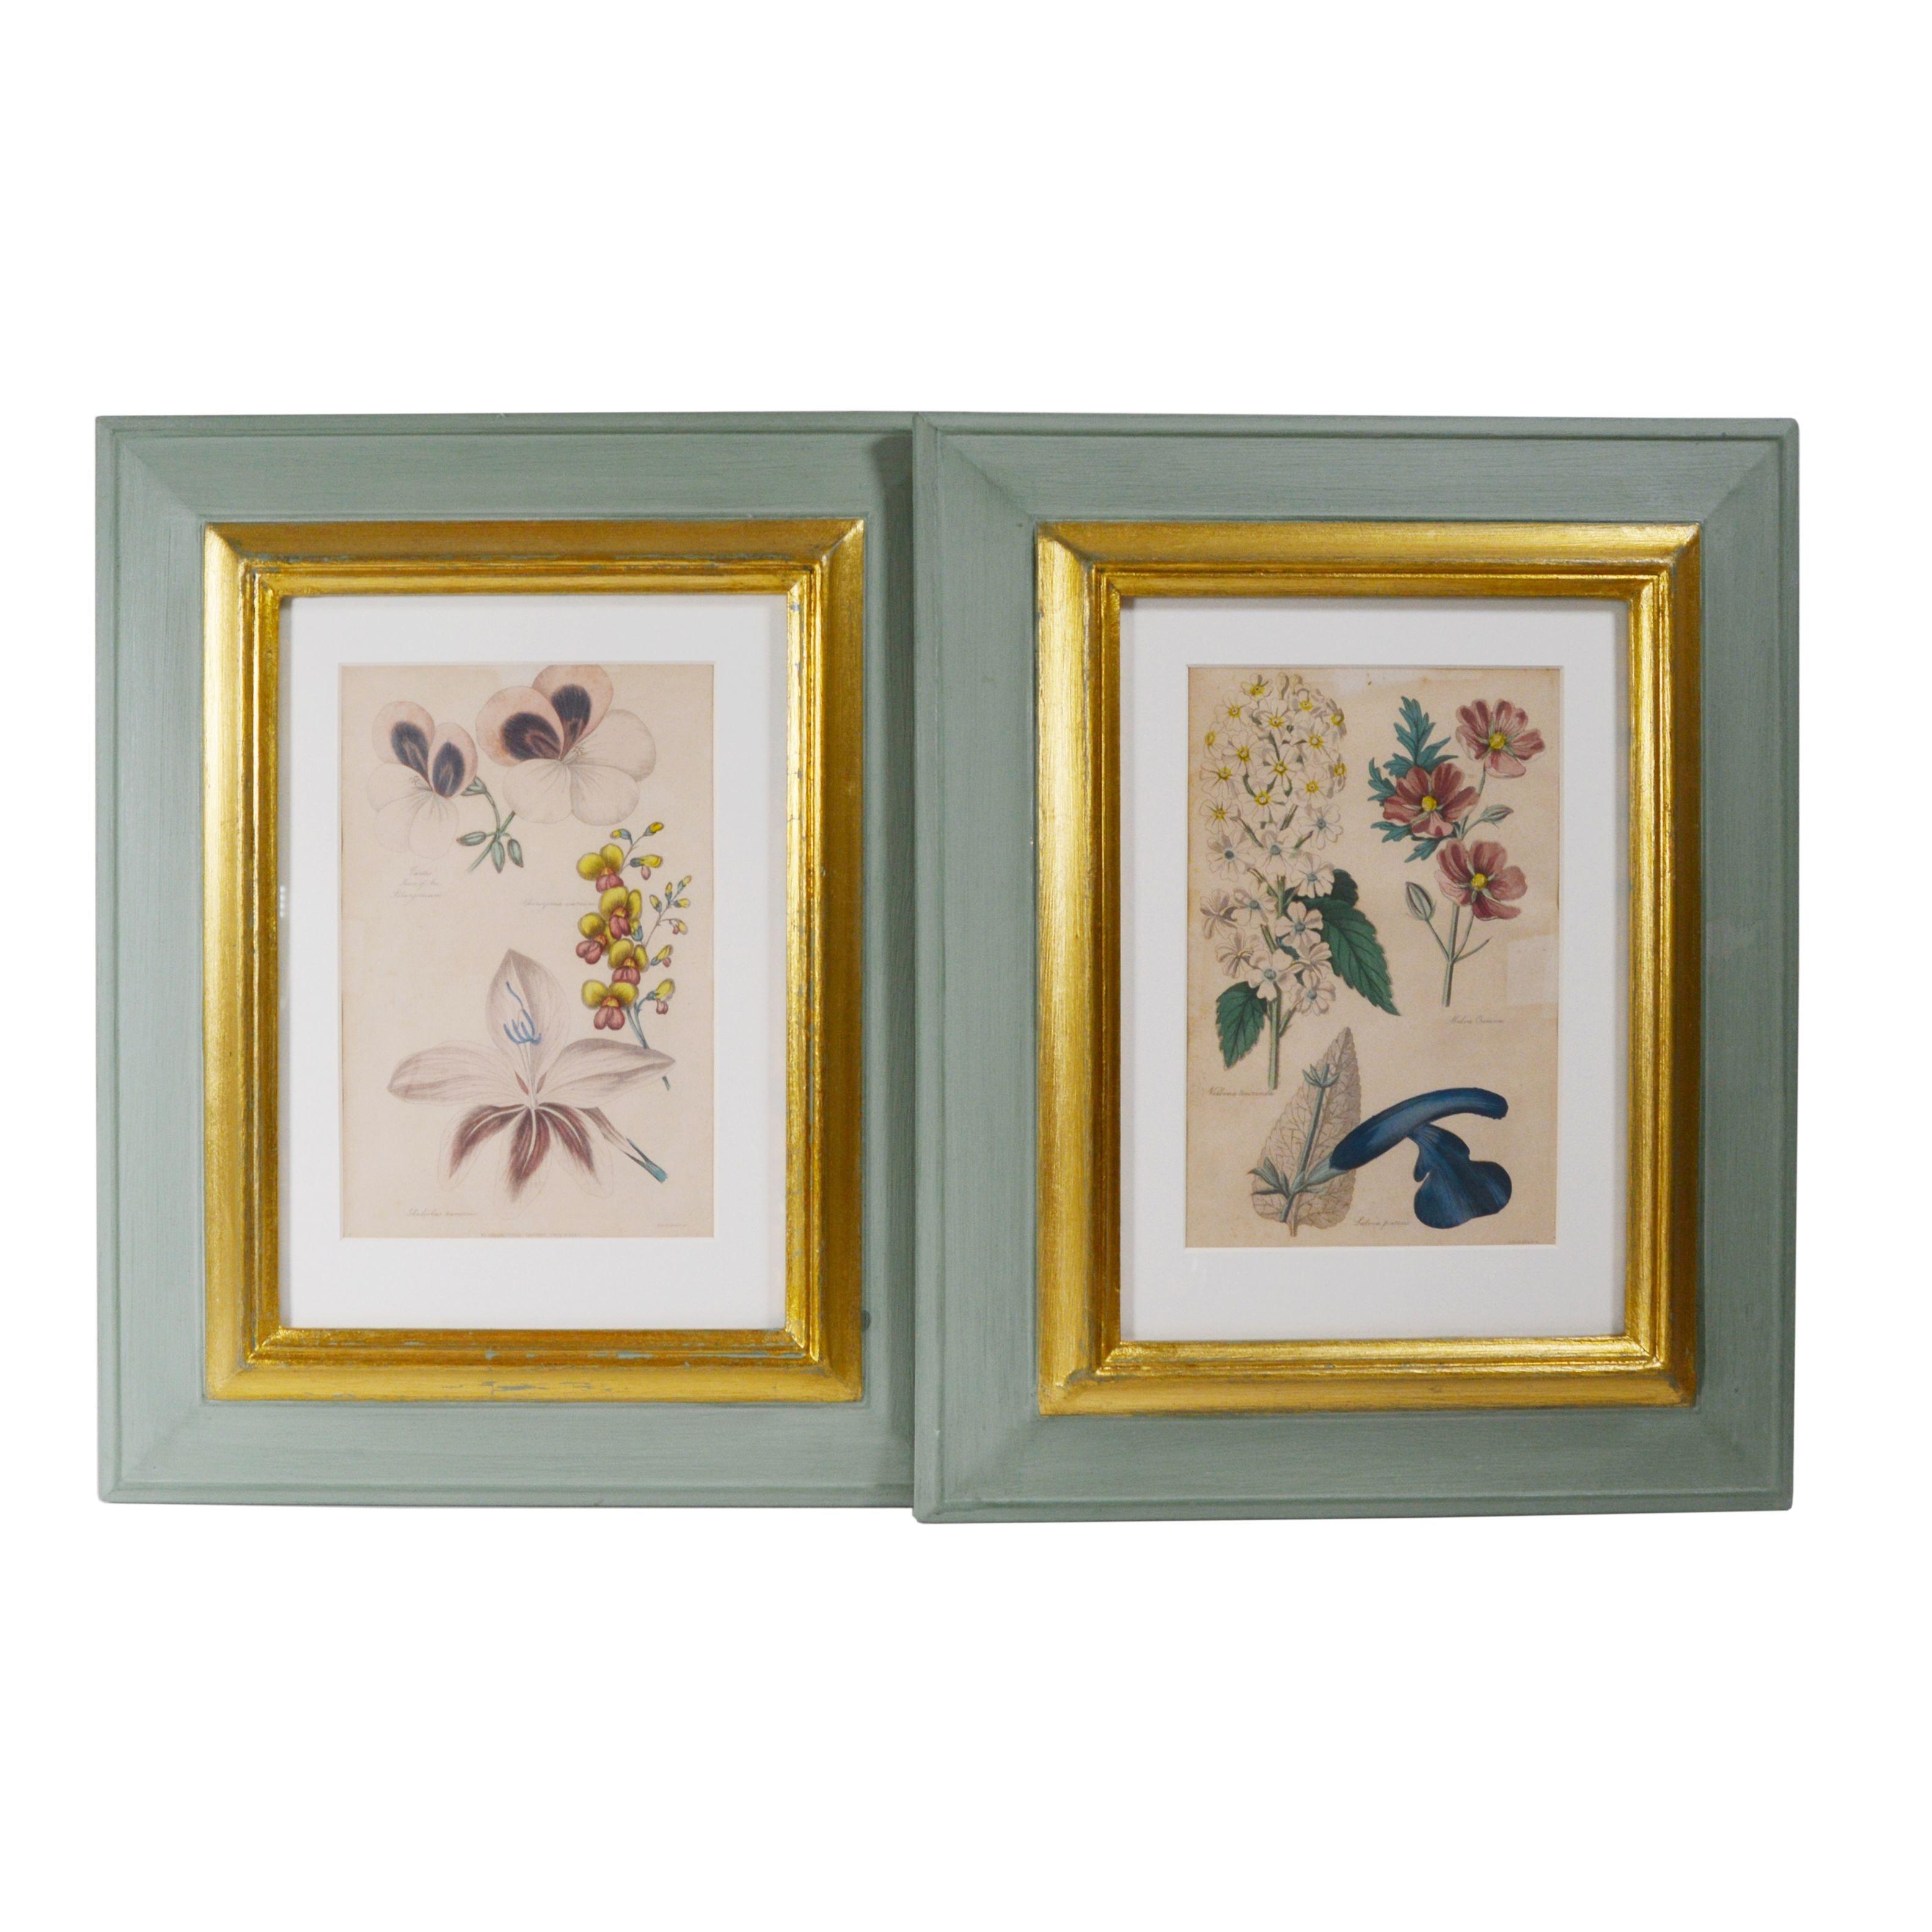 Botanical Colored Engravings After Alfred Adlard